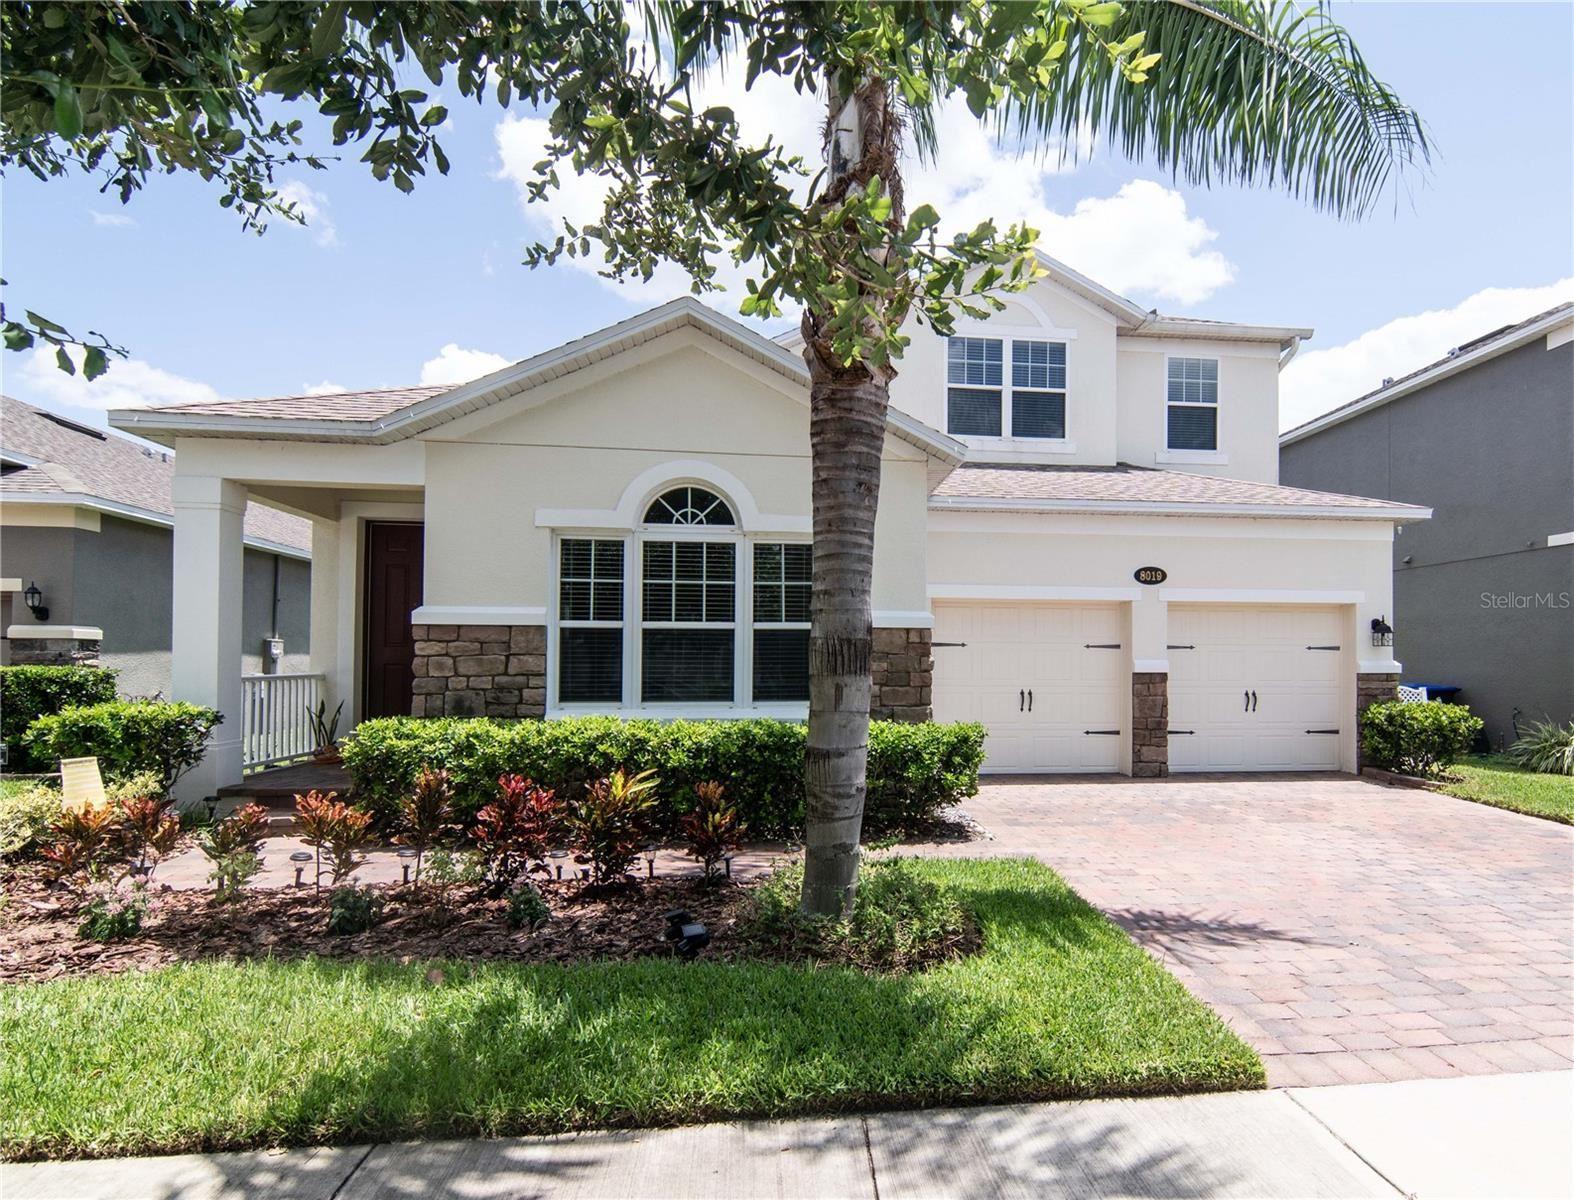 8019 NAVEL ORANGE LANE, Winter Garden, FL 34787 - #: O5961551